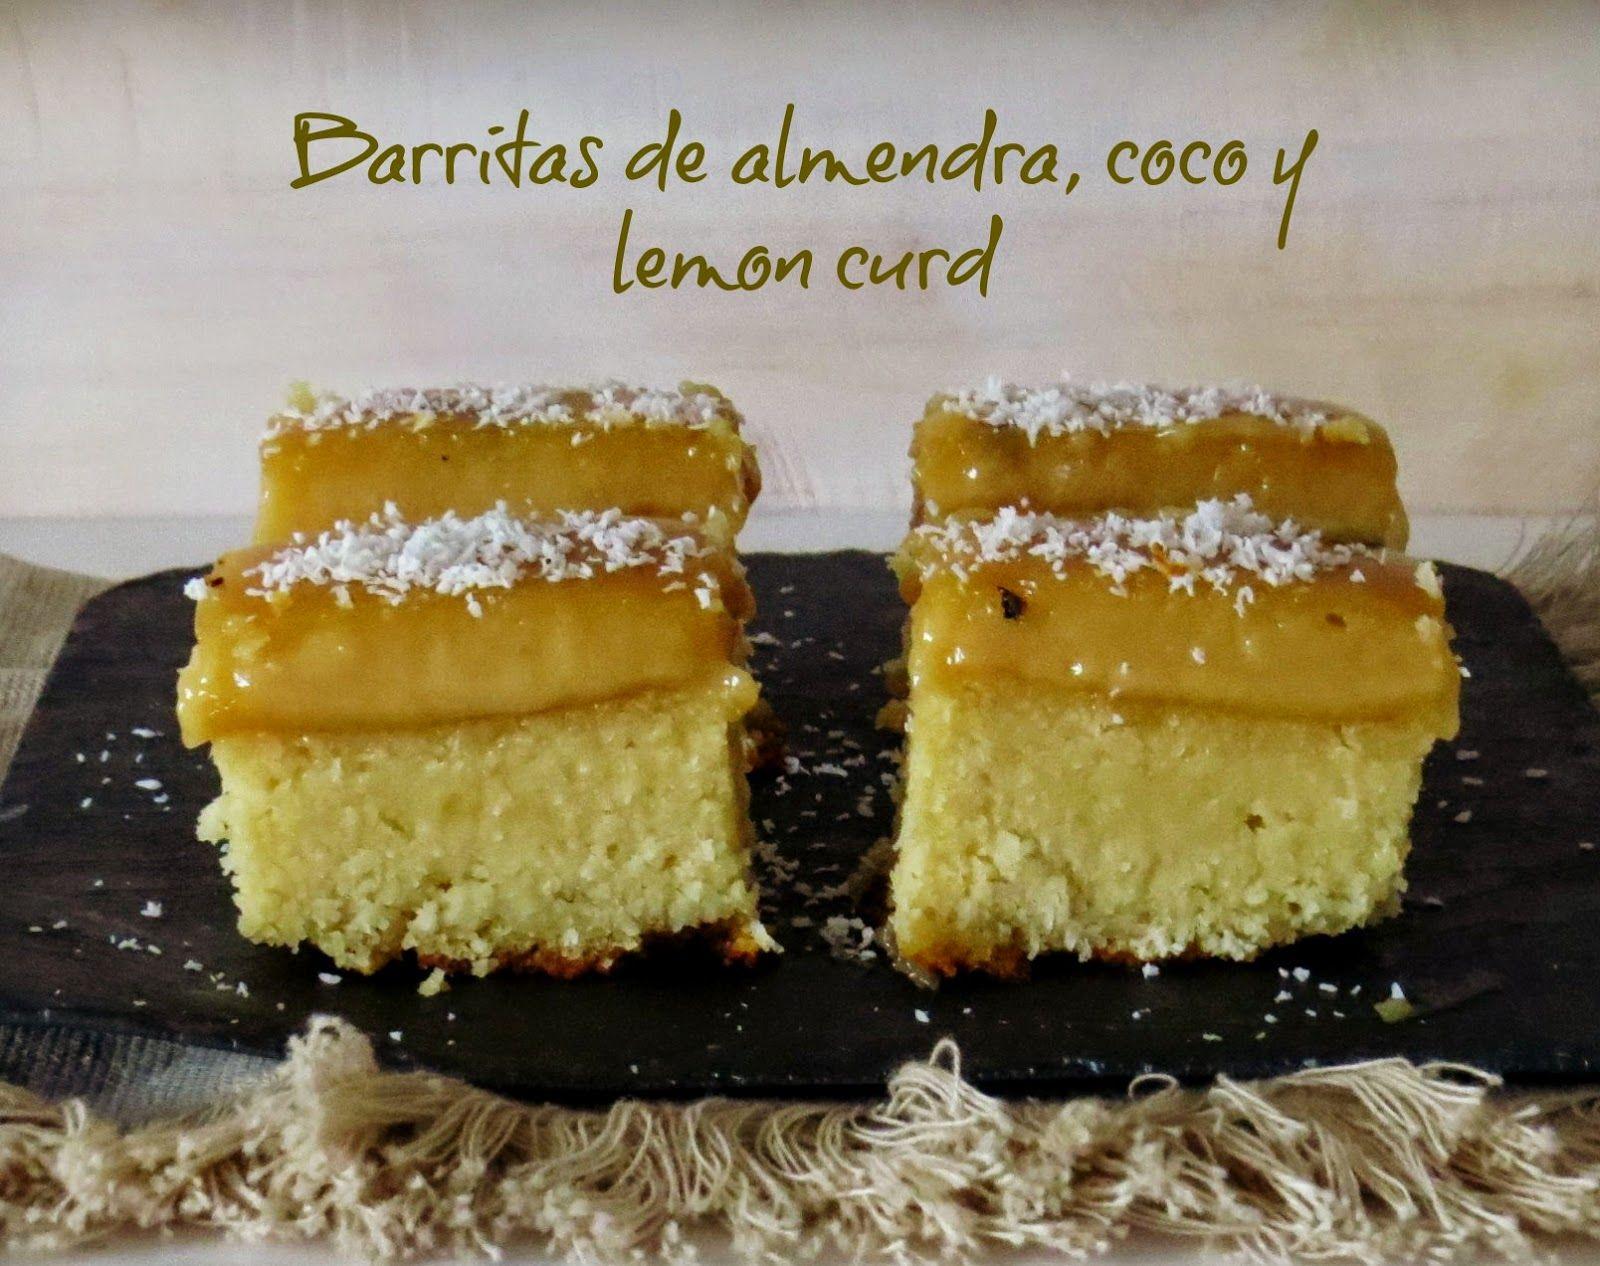 Sin gluten. Disfrutando la vida: Barritas de almendra, coco y lemond curd